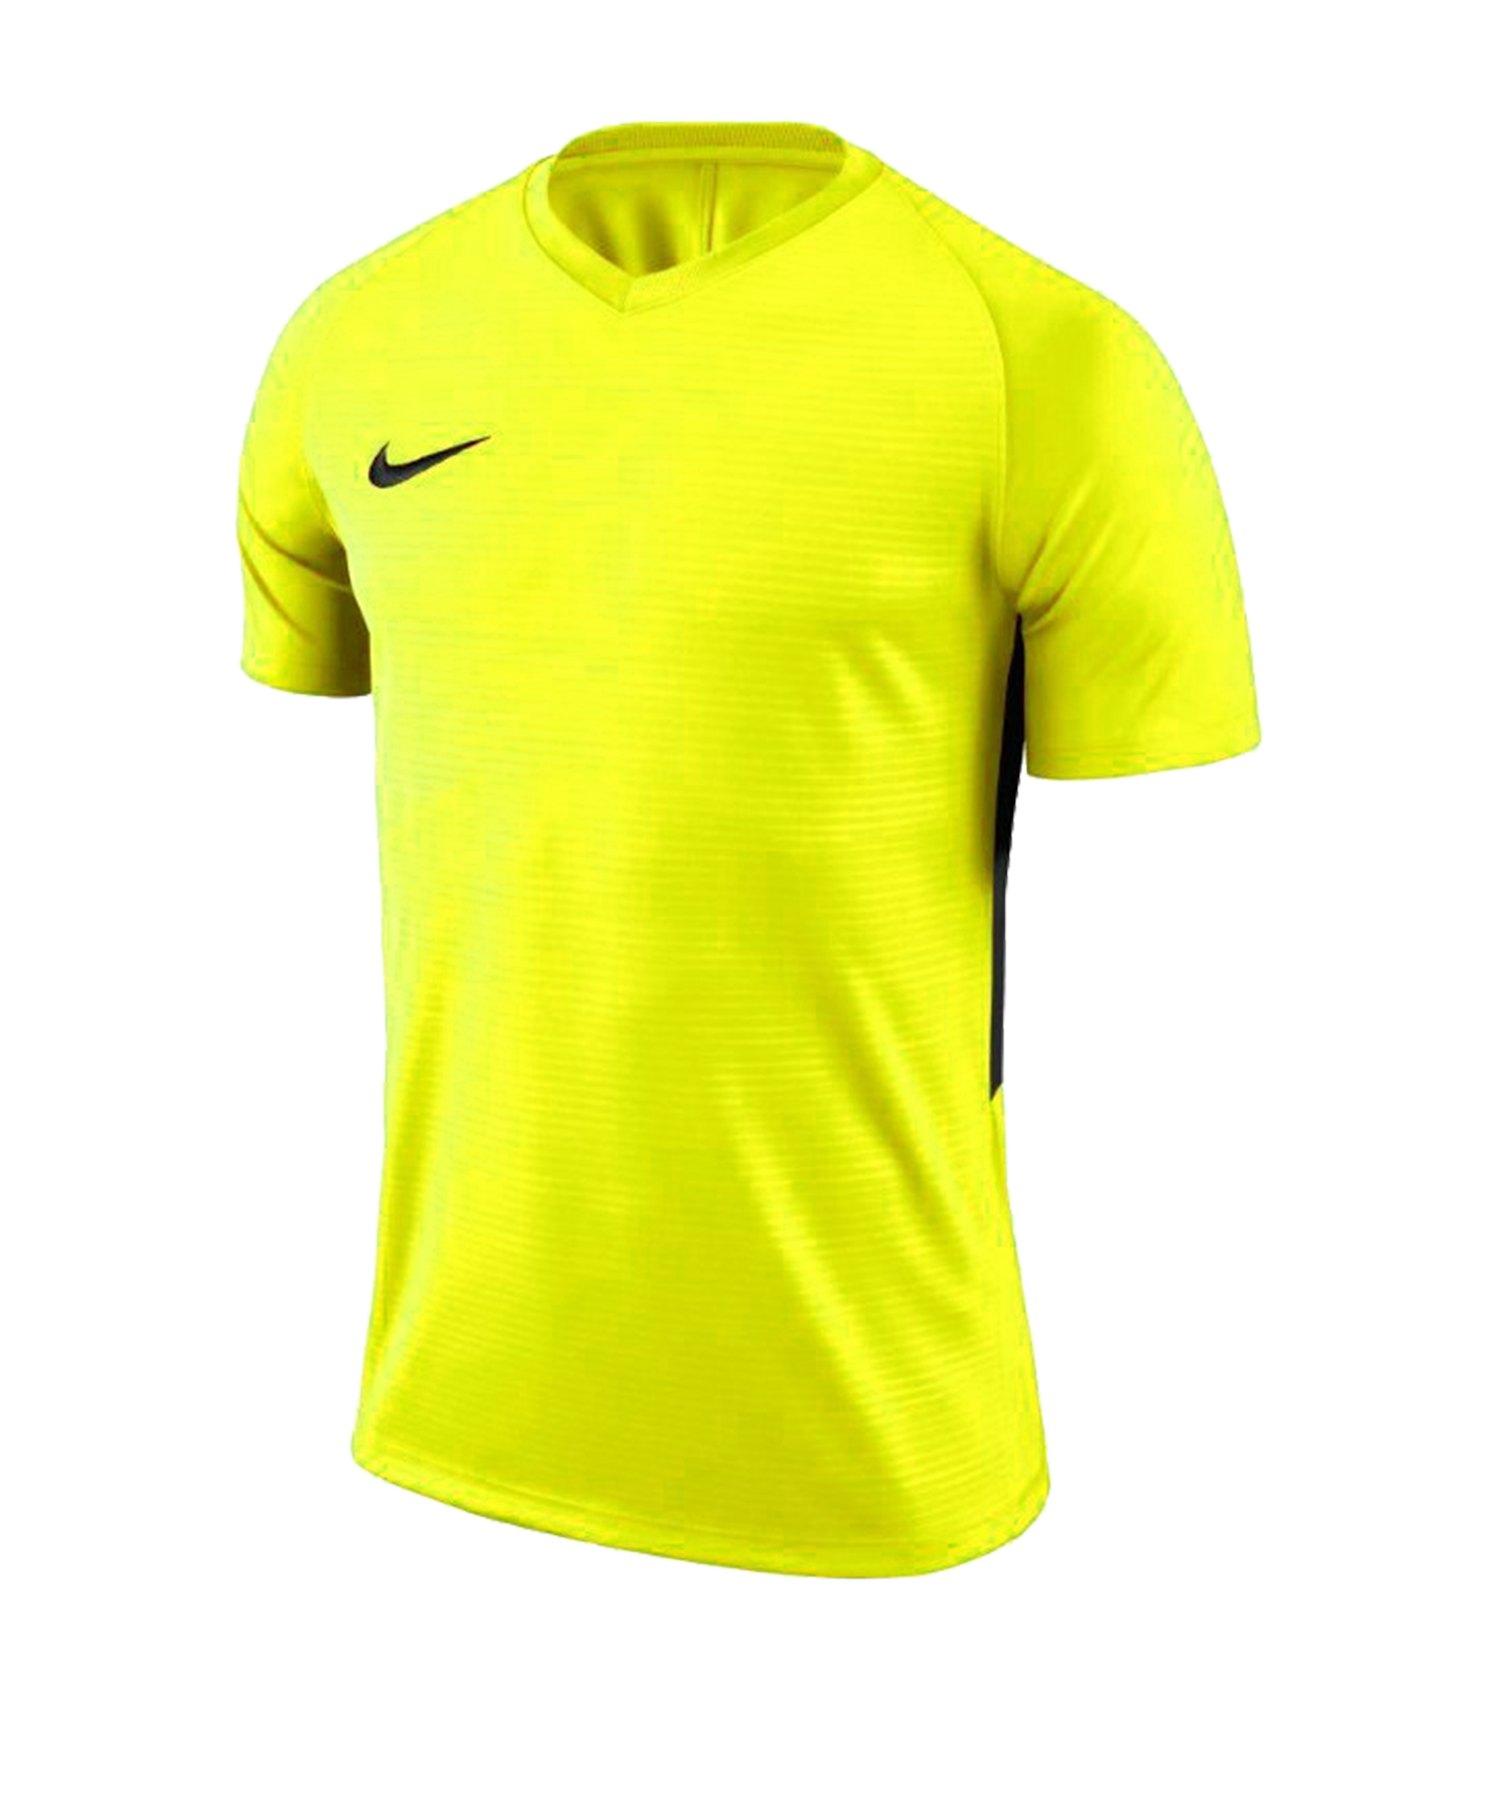 Nike Tiempo Premier Trikot Gelb Schwarz F702 - gelb